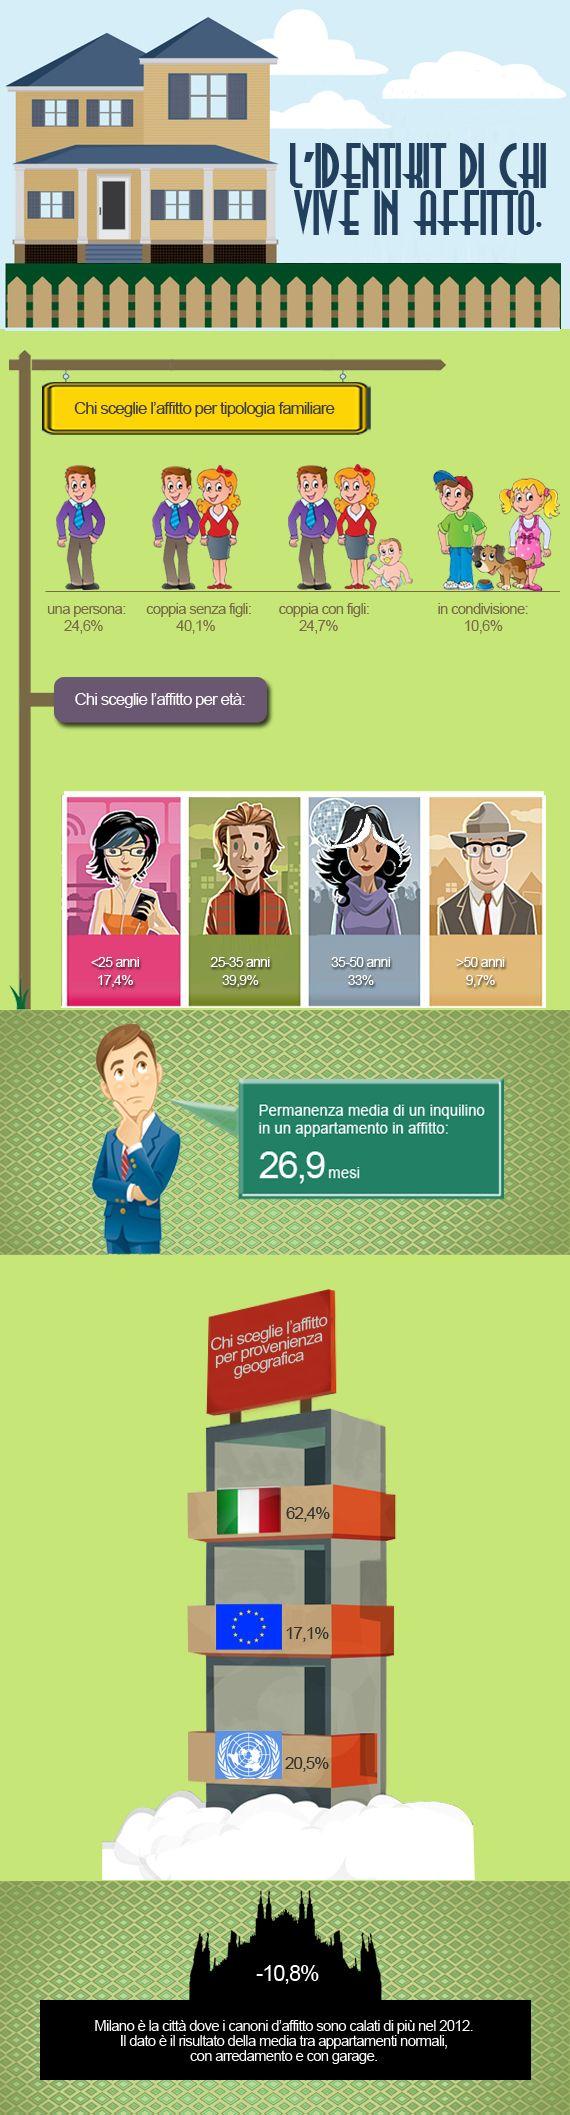 L'identikit di chi vive in affitto: è giovane o vecchio? È italiano o straniero? Vive da solo o ha famiglia? Scopritelo attraverso questa infografica :-)